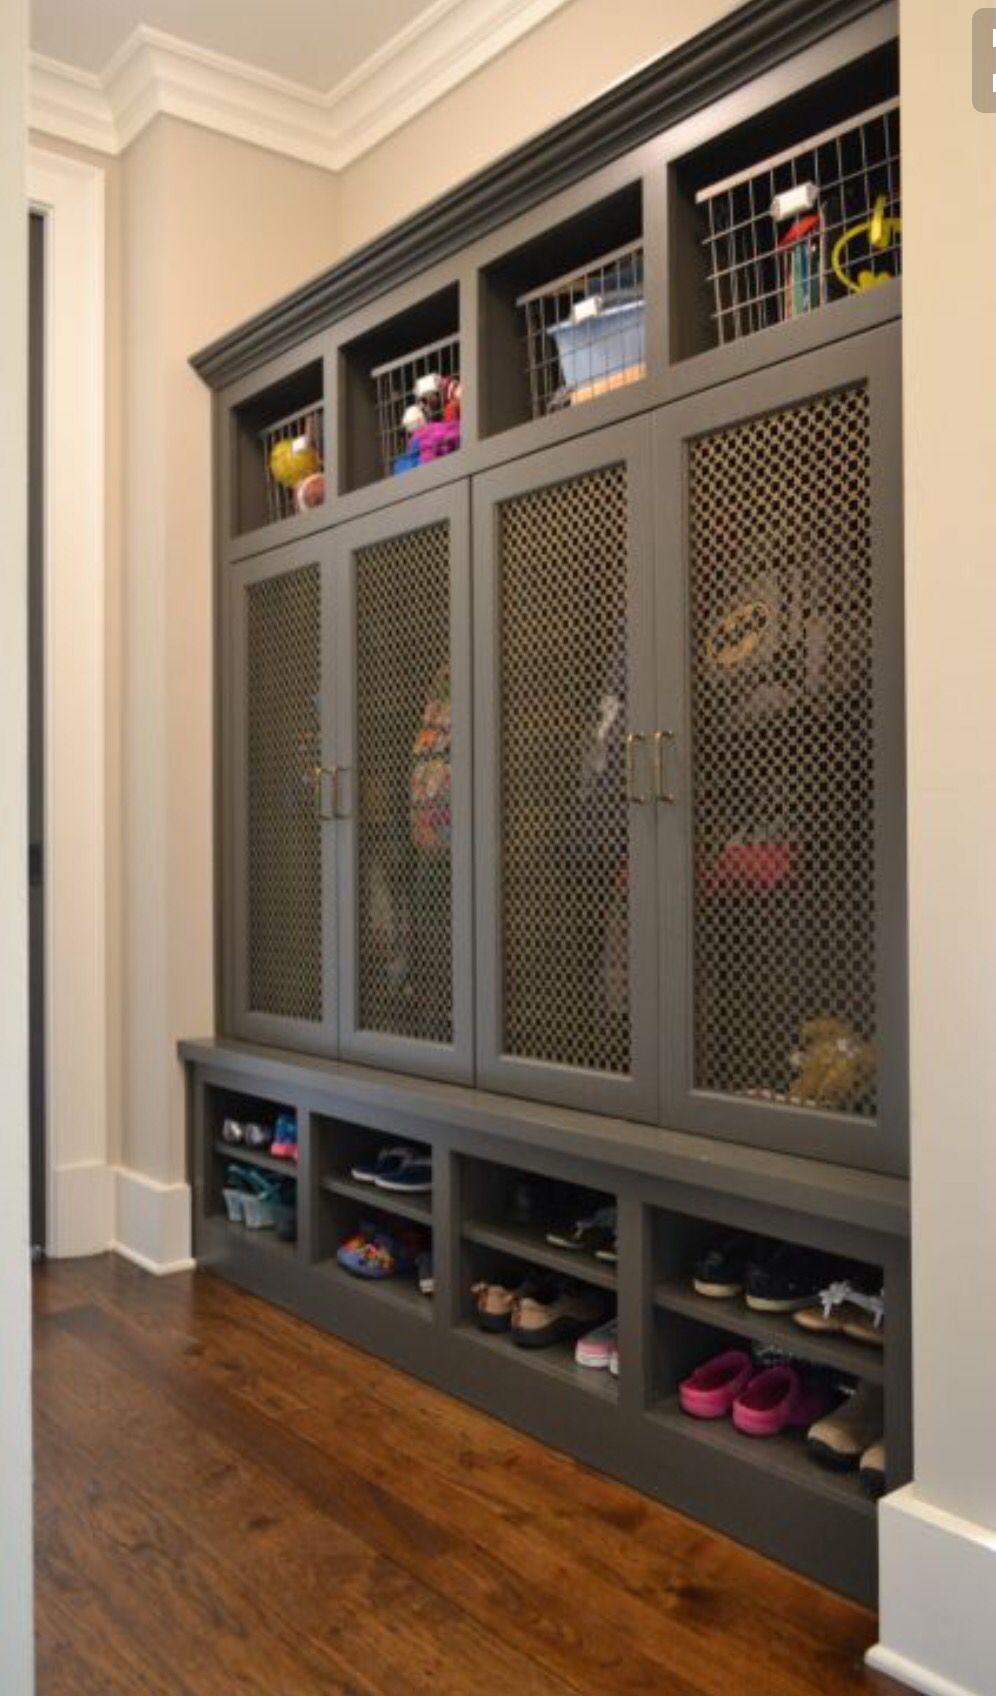 Locker style storage laundrymud room pinterest mudroom room